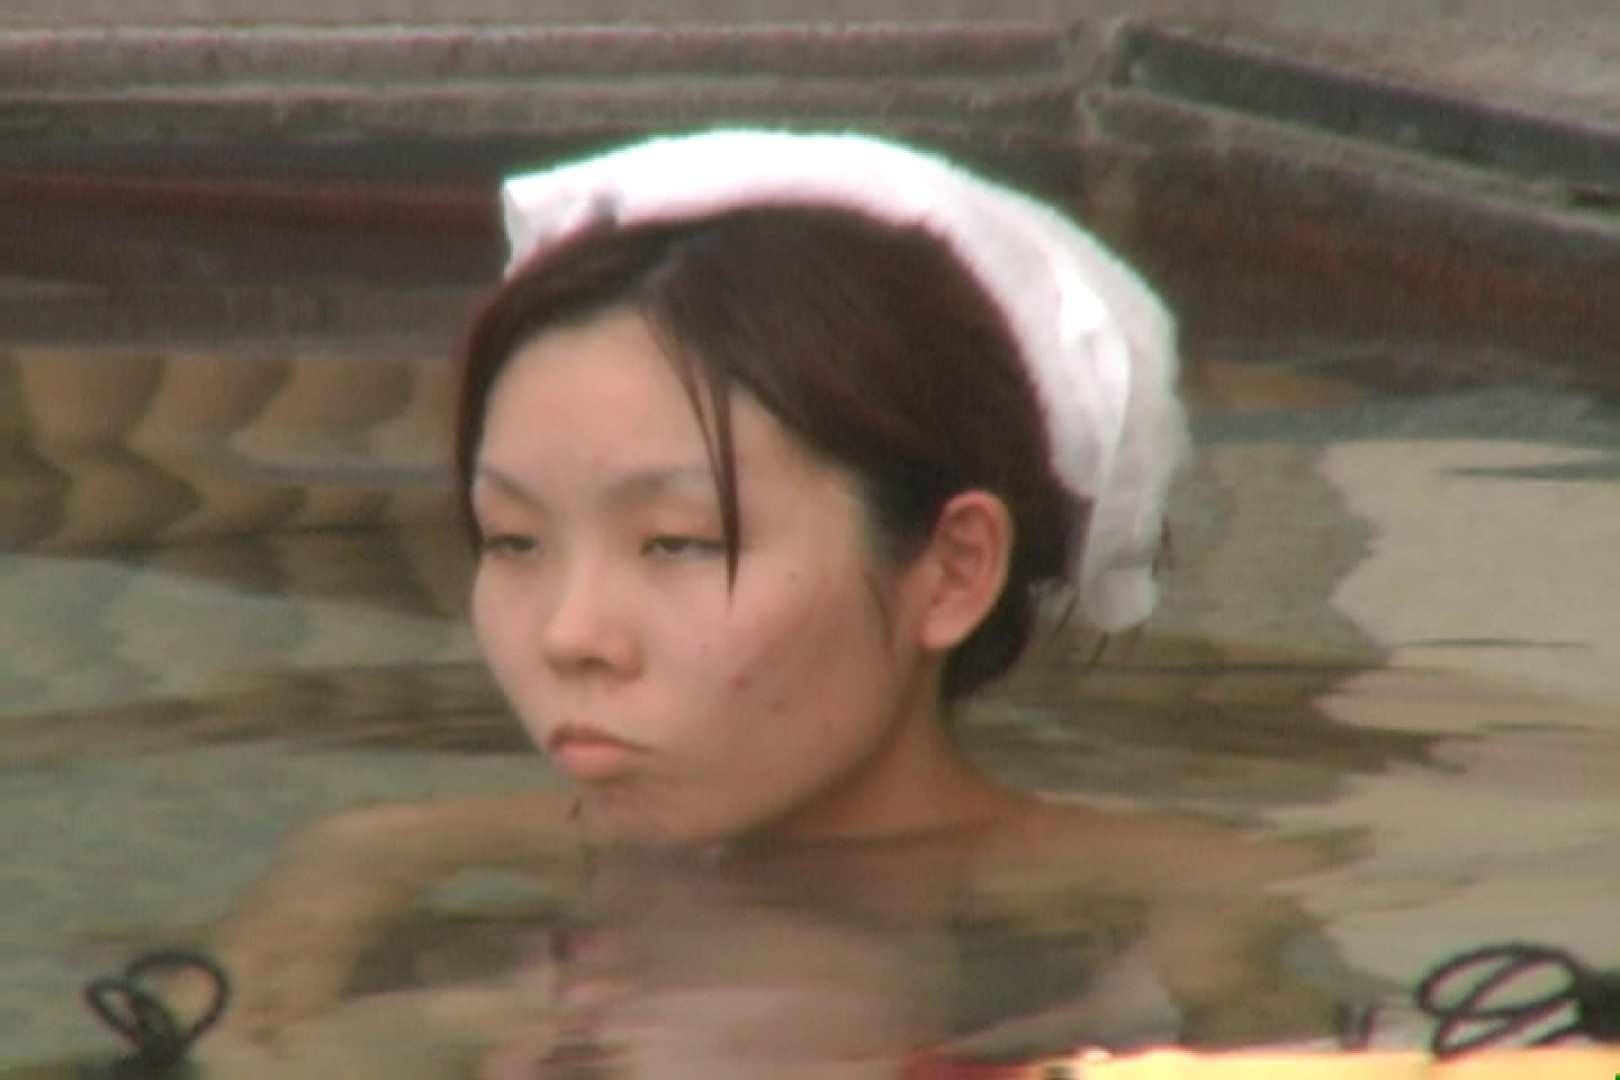 Aquaな露天風呂Vol.580 0   0  103pic 89